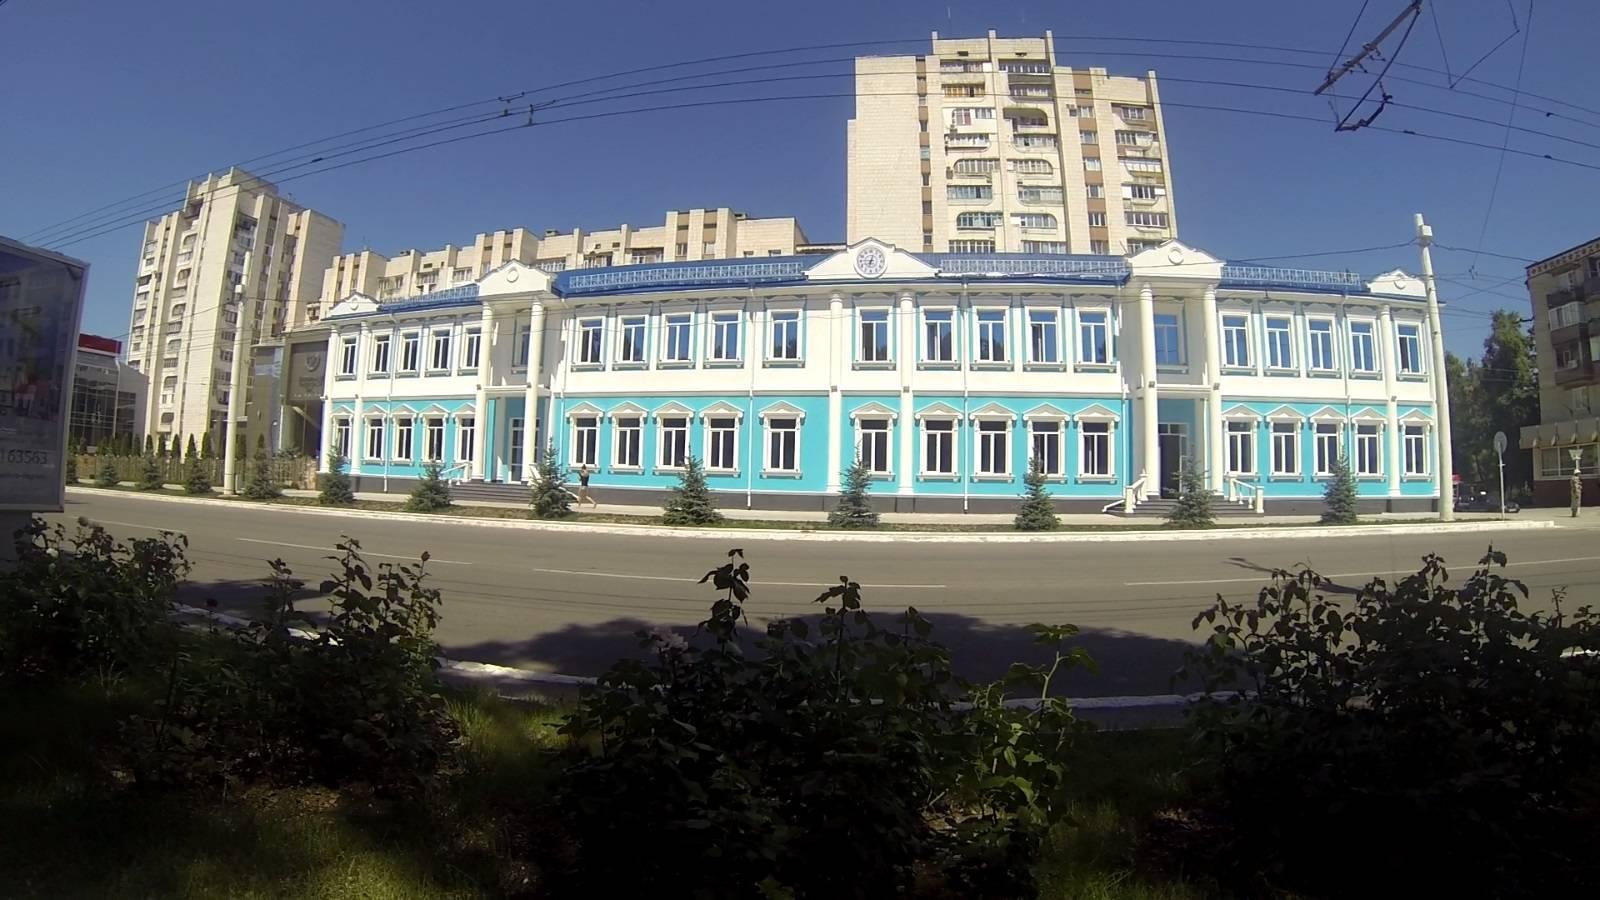 Photo 3: Tiraspol, capitale de la Transnistrie, le dernier pays d'URSS